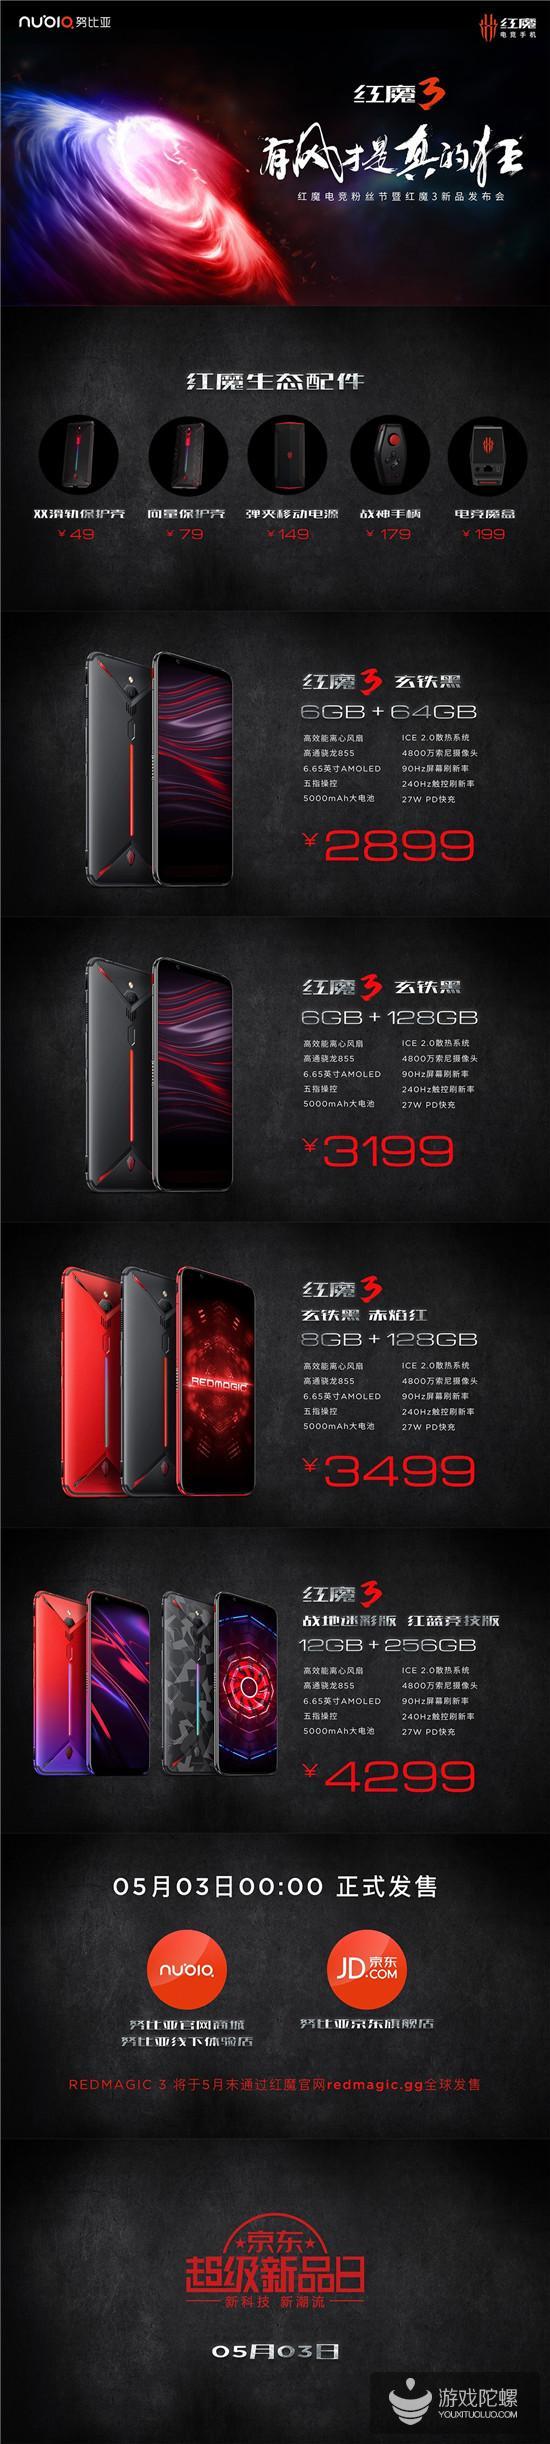 努比亚发布红魔3电竞手机,支持8小时主流电竞手游续航